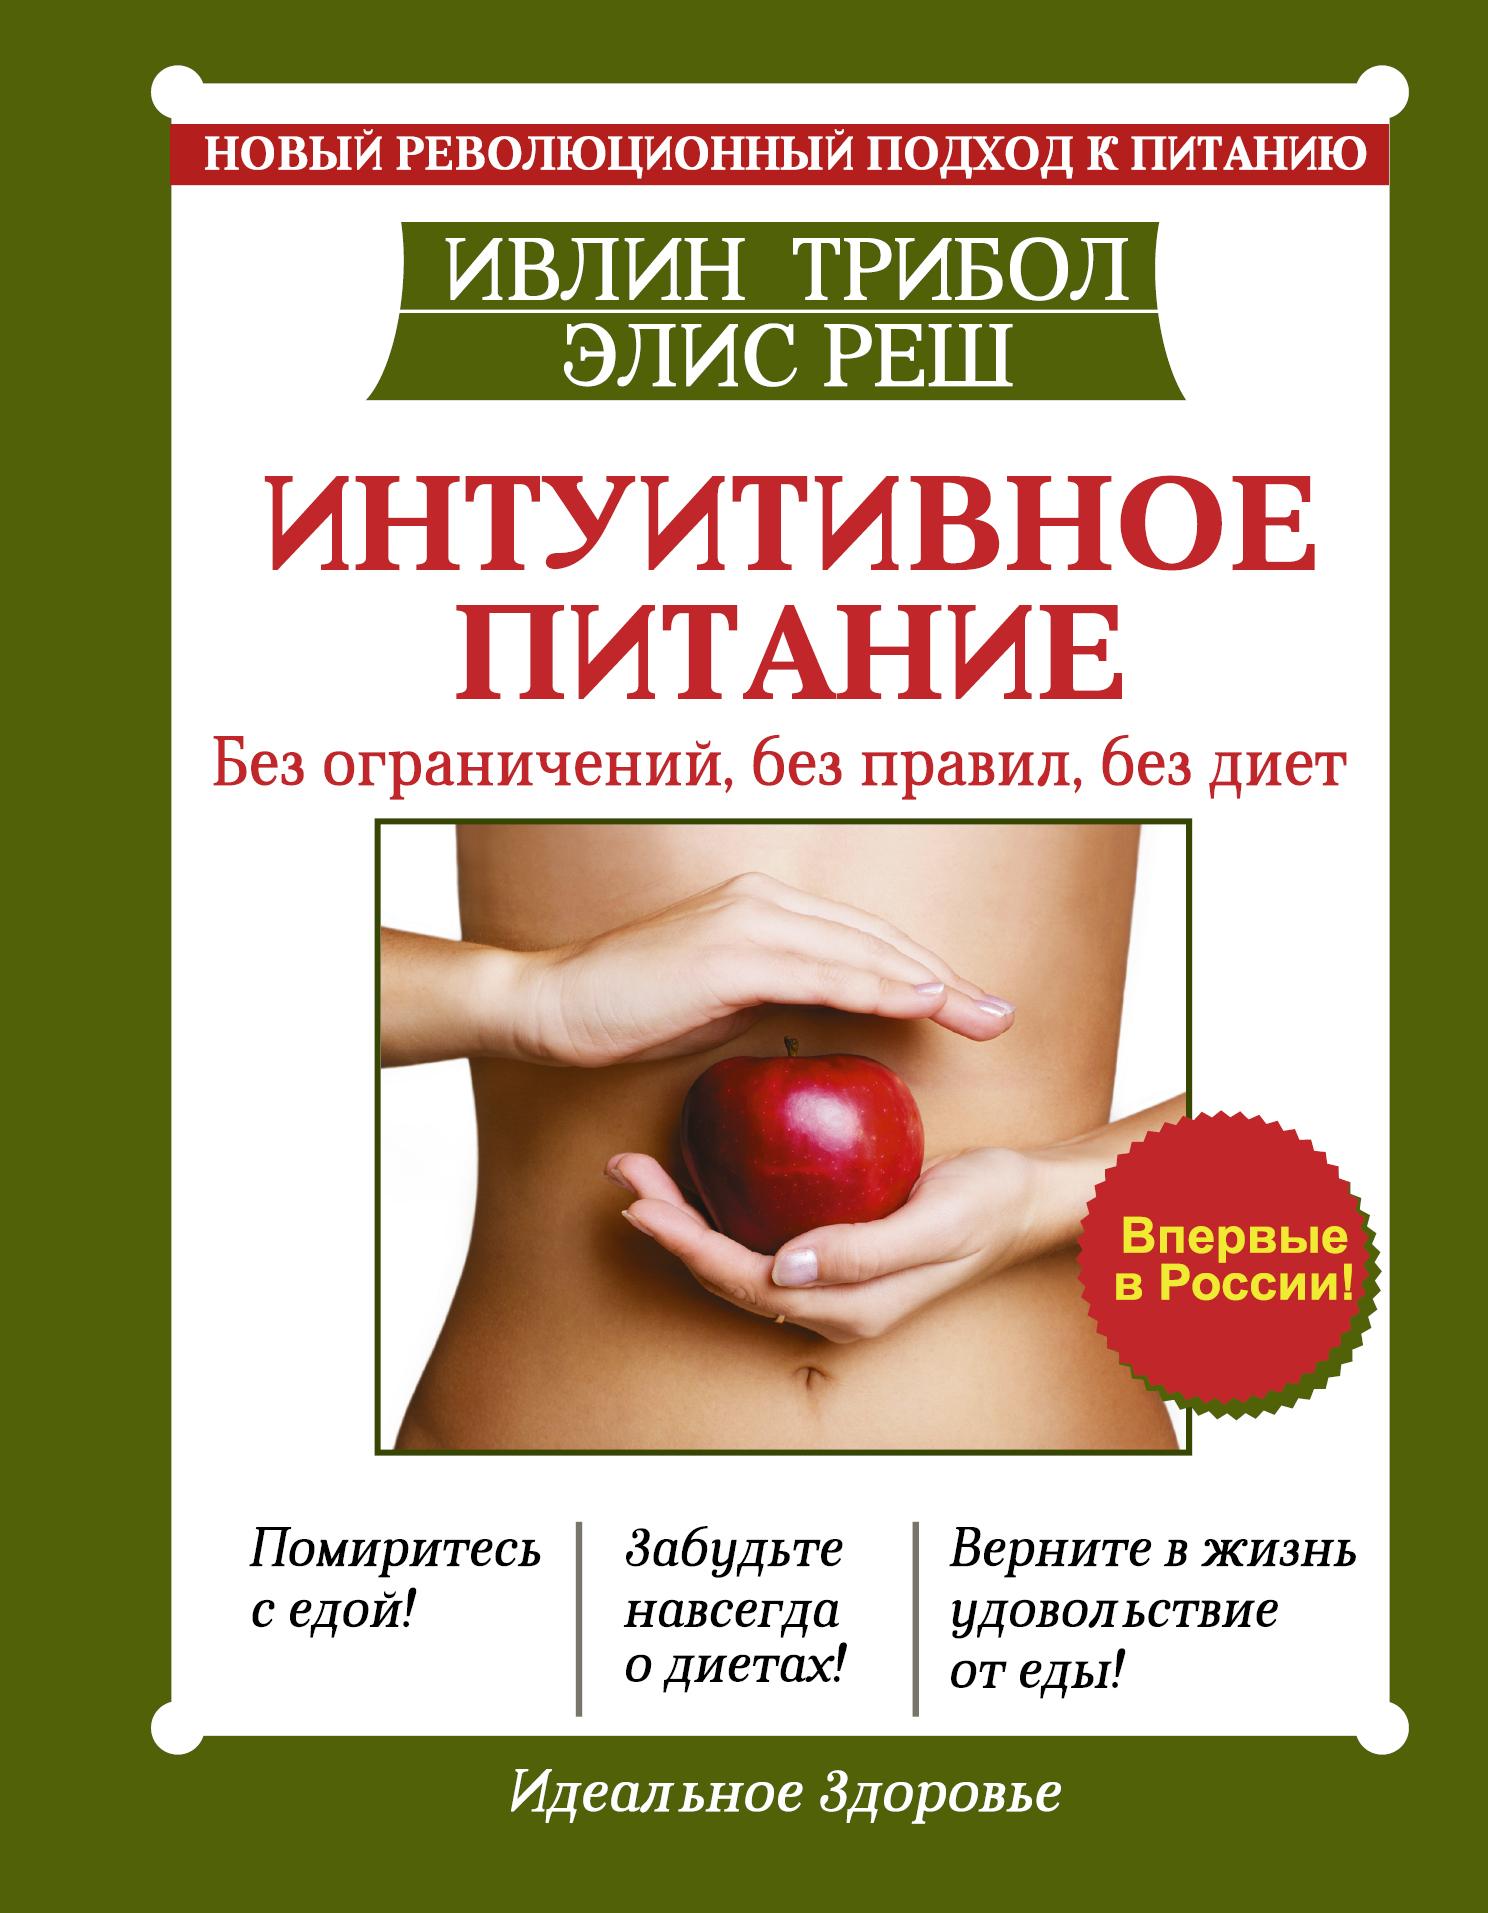 Ивлин Трибол Интуитивное питание. Новый революционный подход к питанию. Без ограничений, без правил, без диет шапка женская nuages цвет голубой nh 742 106 размер универсальный